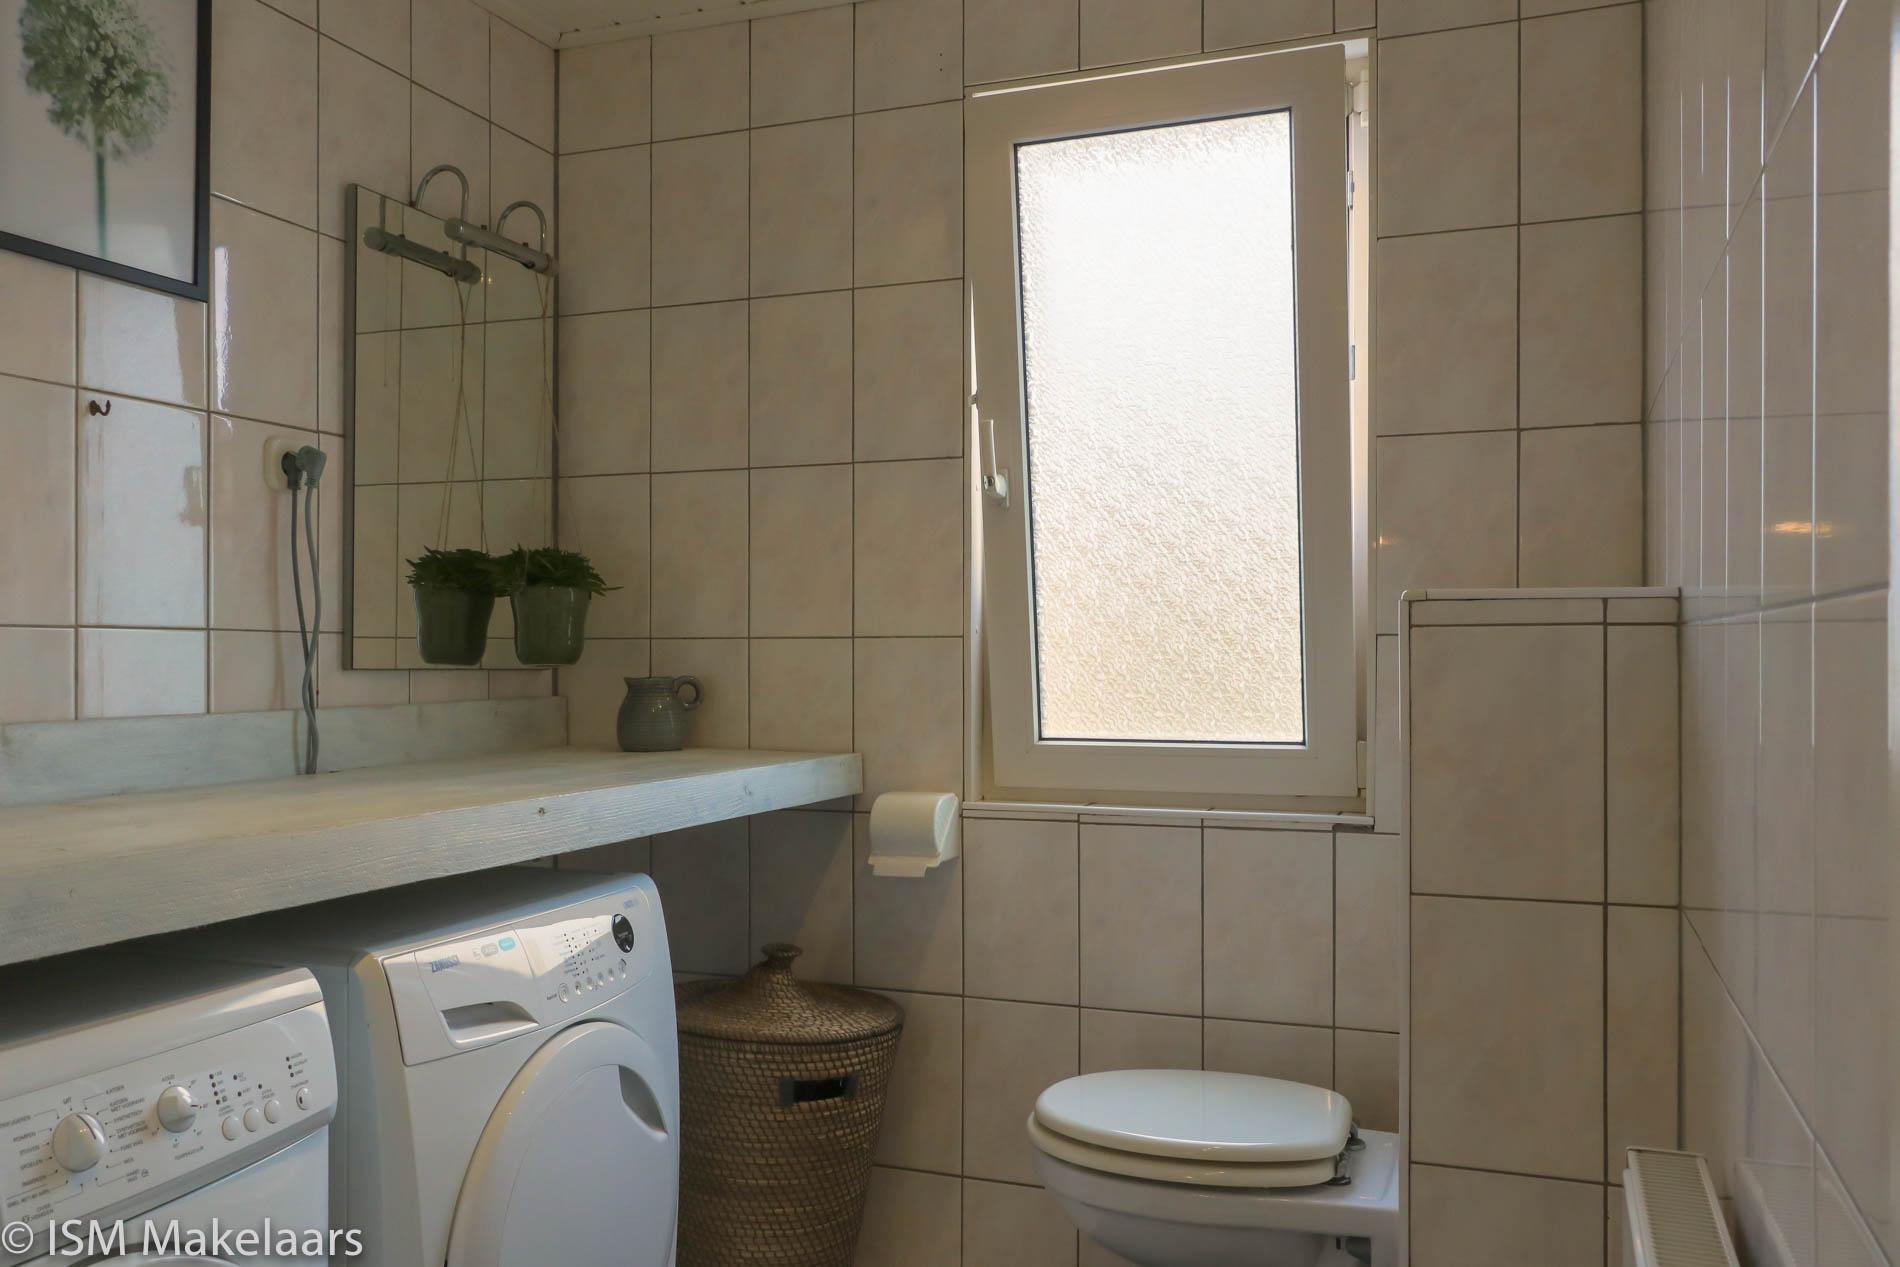 toilet-/witgoedruimte nazareth 55 wolphaartsdijk ism makelaars